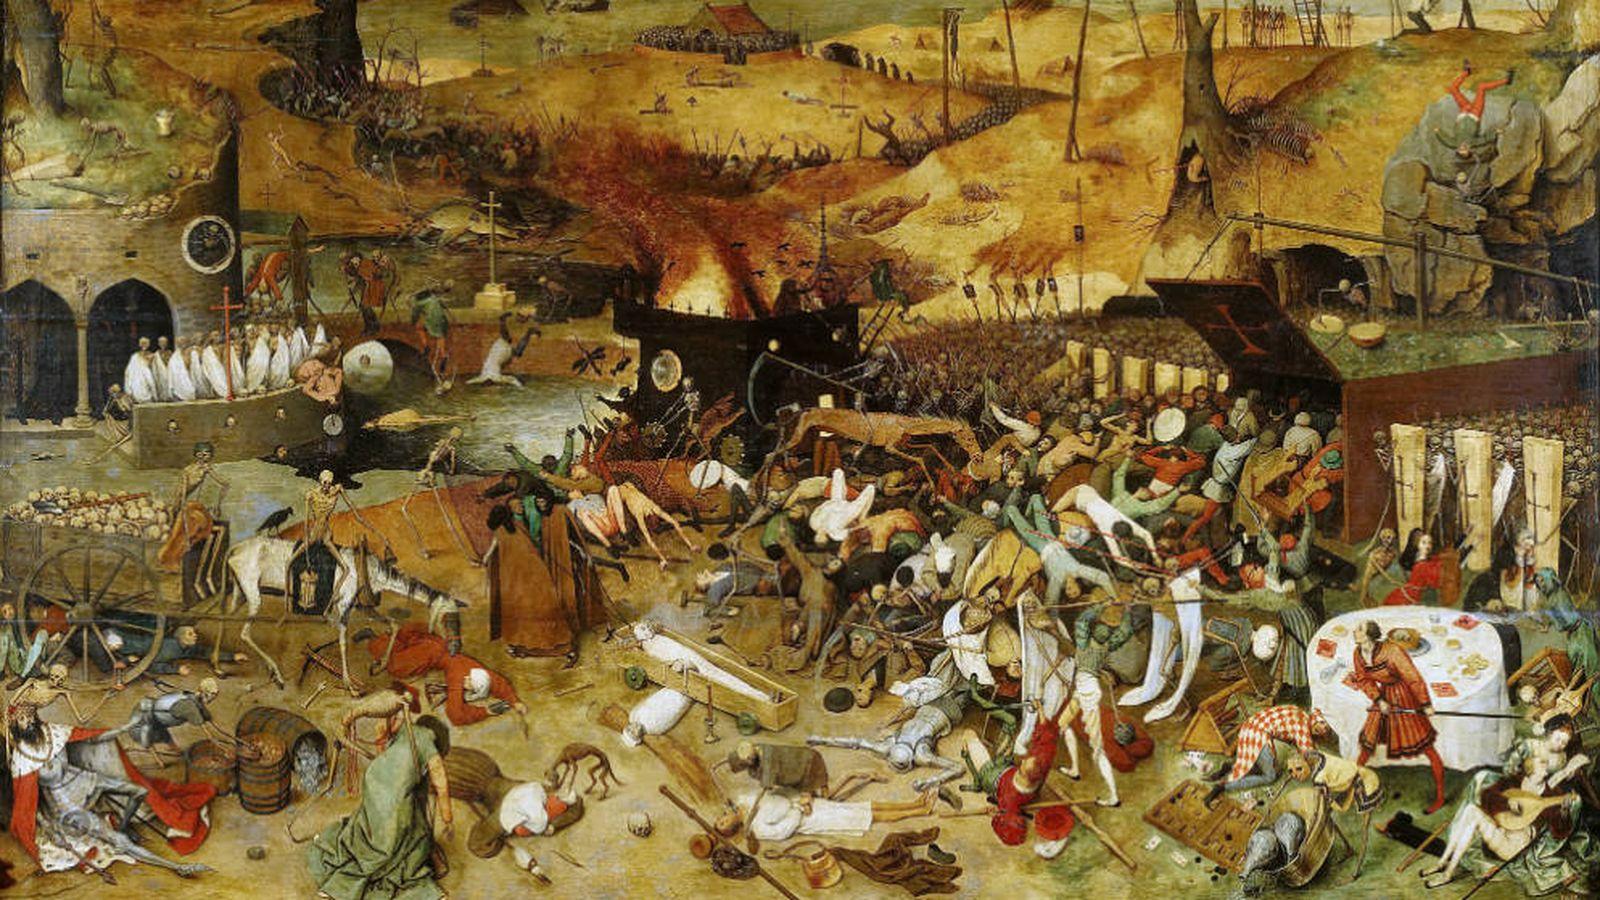 Foto: 'El triunfo de la muerte' - Pieter Brueghel el Viejo (1562)